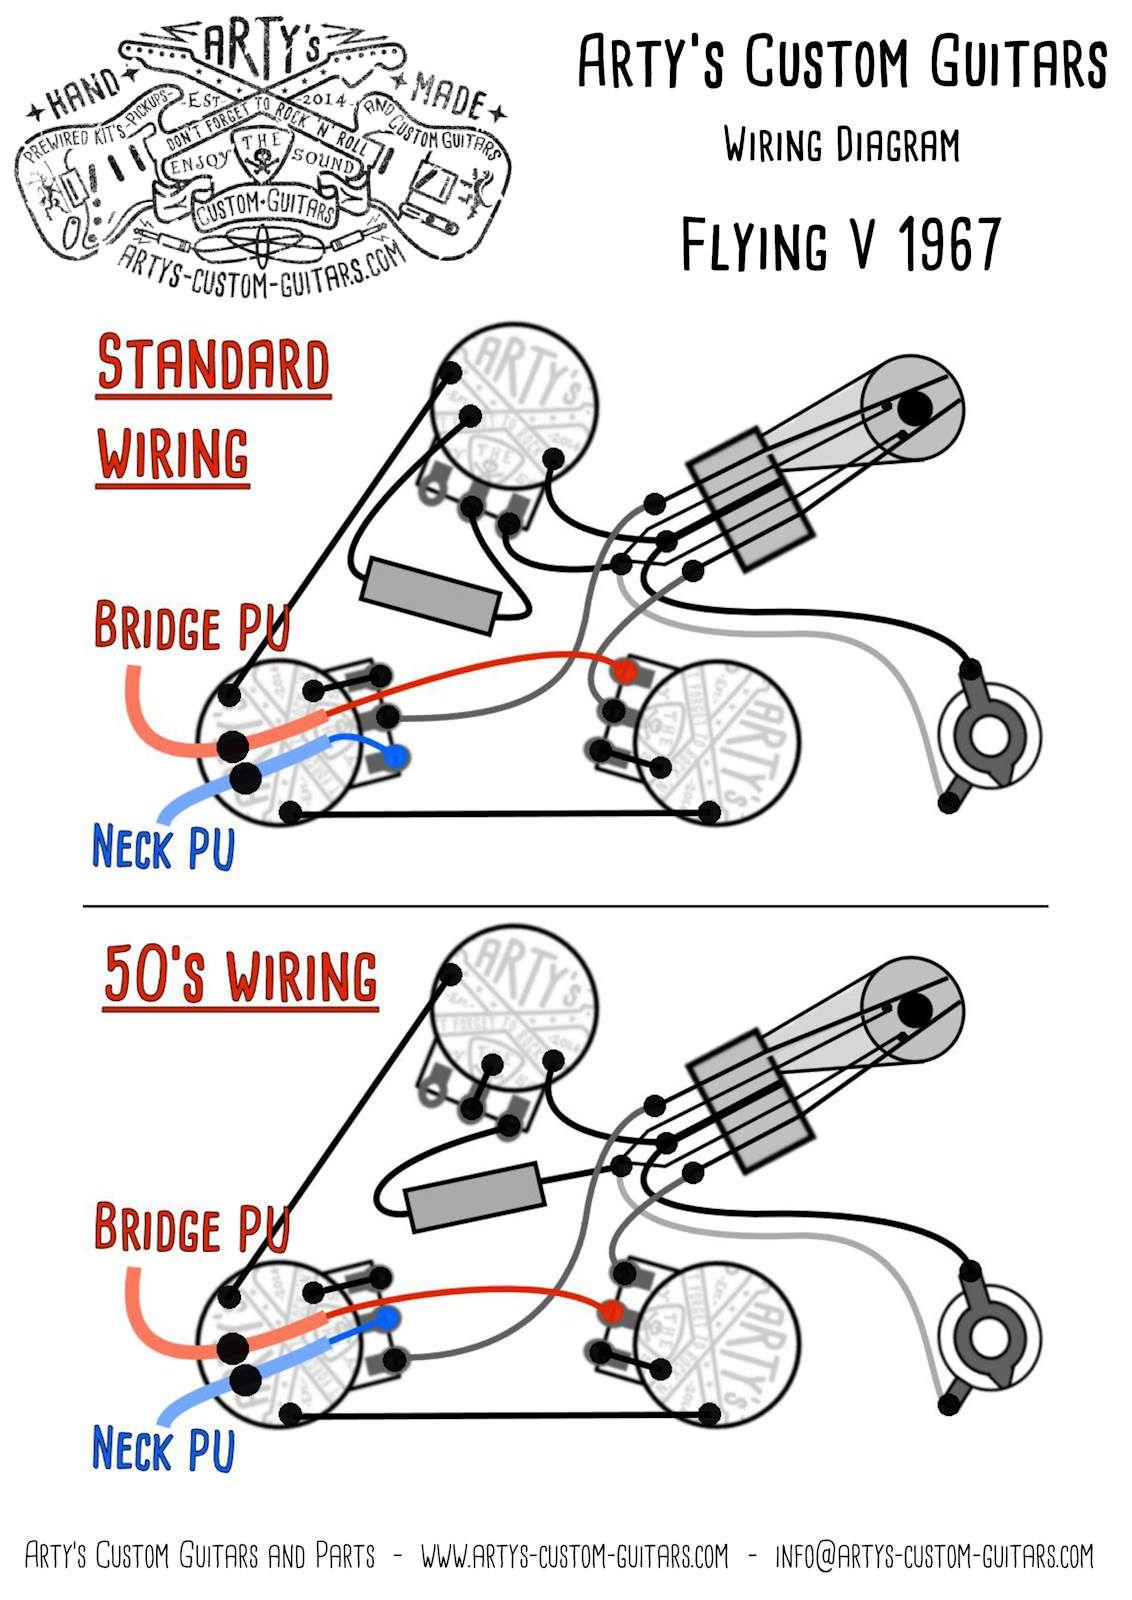 jackson flying v wiring wiring diagram datasourceflying v wiring diagram wiring diagram toolbox jackson flying v [ 1132 x 1600 Pixel ]